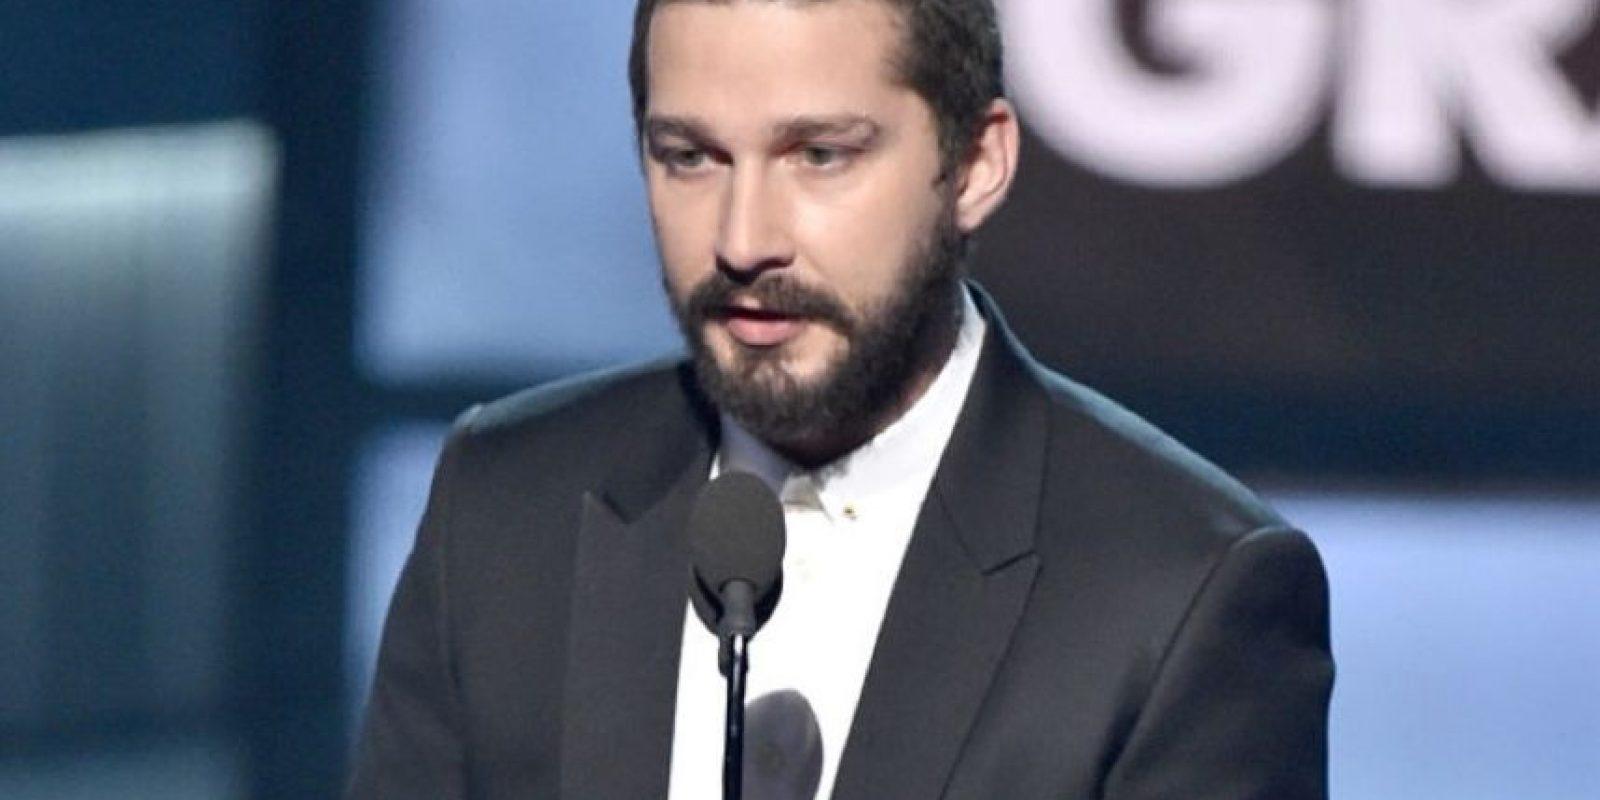 """El actor ahora es más """"rudo"""" y se ha dejado crecer la barba copiosamente. También tiene tatuajes y cortes de cabello radicales. Foto:Getty Images"""